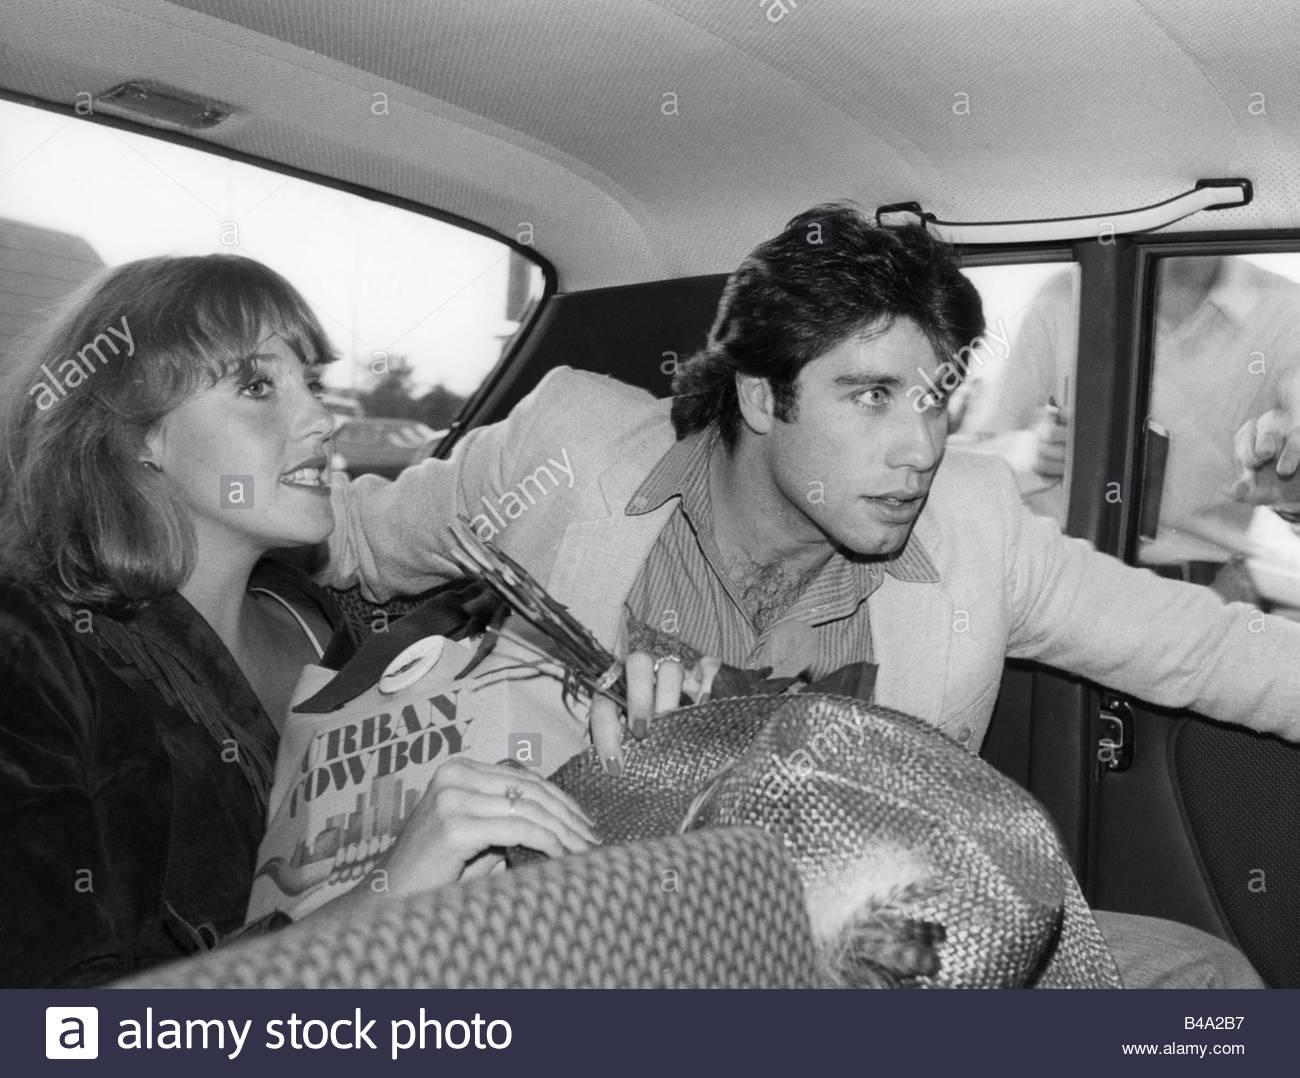 """Travolta, John, * 18.2.1954, US-amerikanischer Schauspieler, mit Debra Winger, Filmpremiere """"Urban Cowboy"""", Stockbild"""